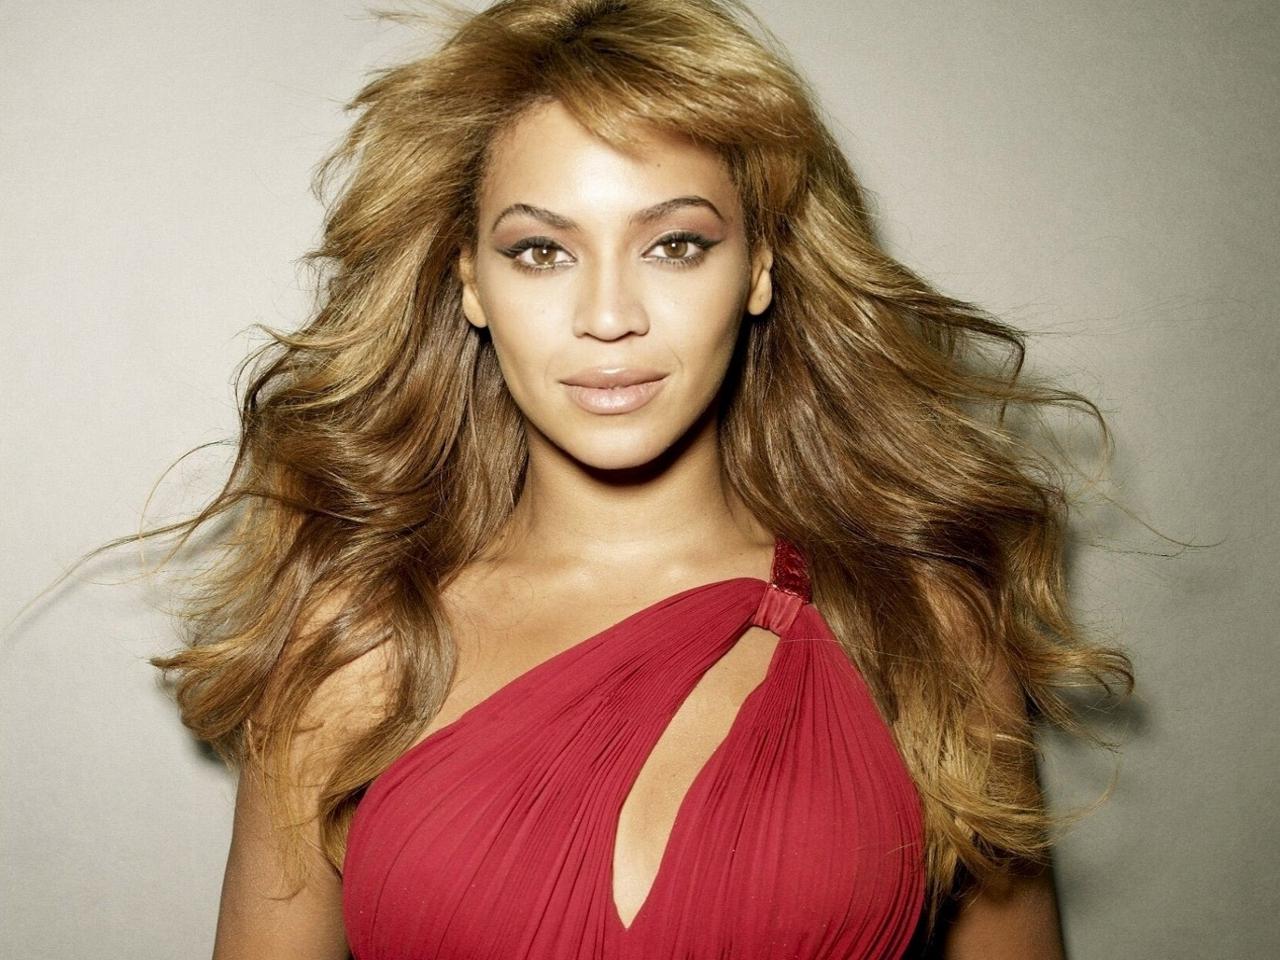 Beyonce-beyonce-32537890-1280-960.jpg